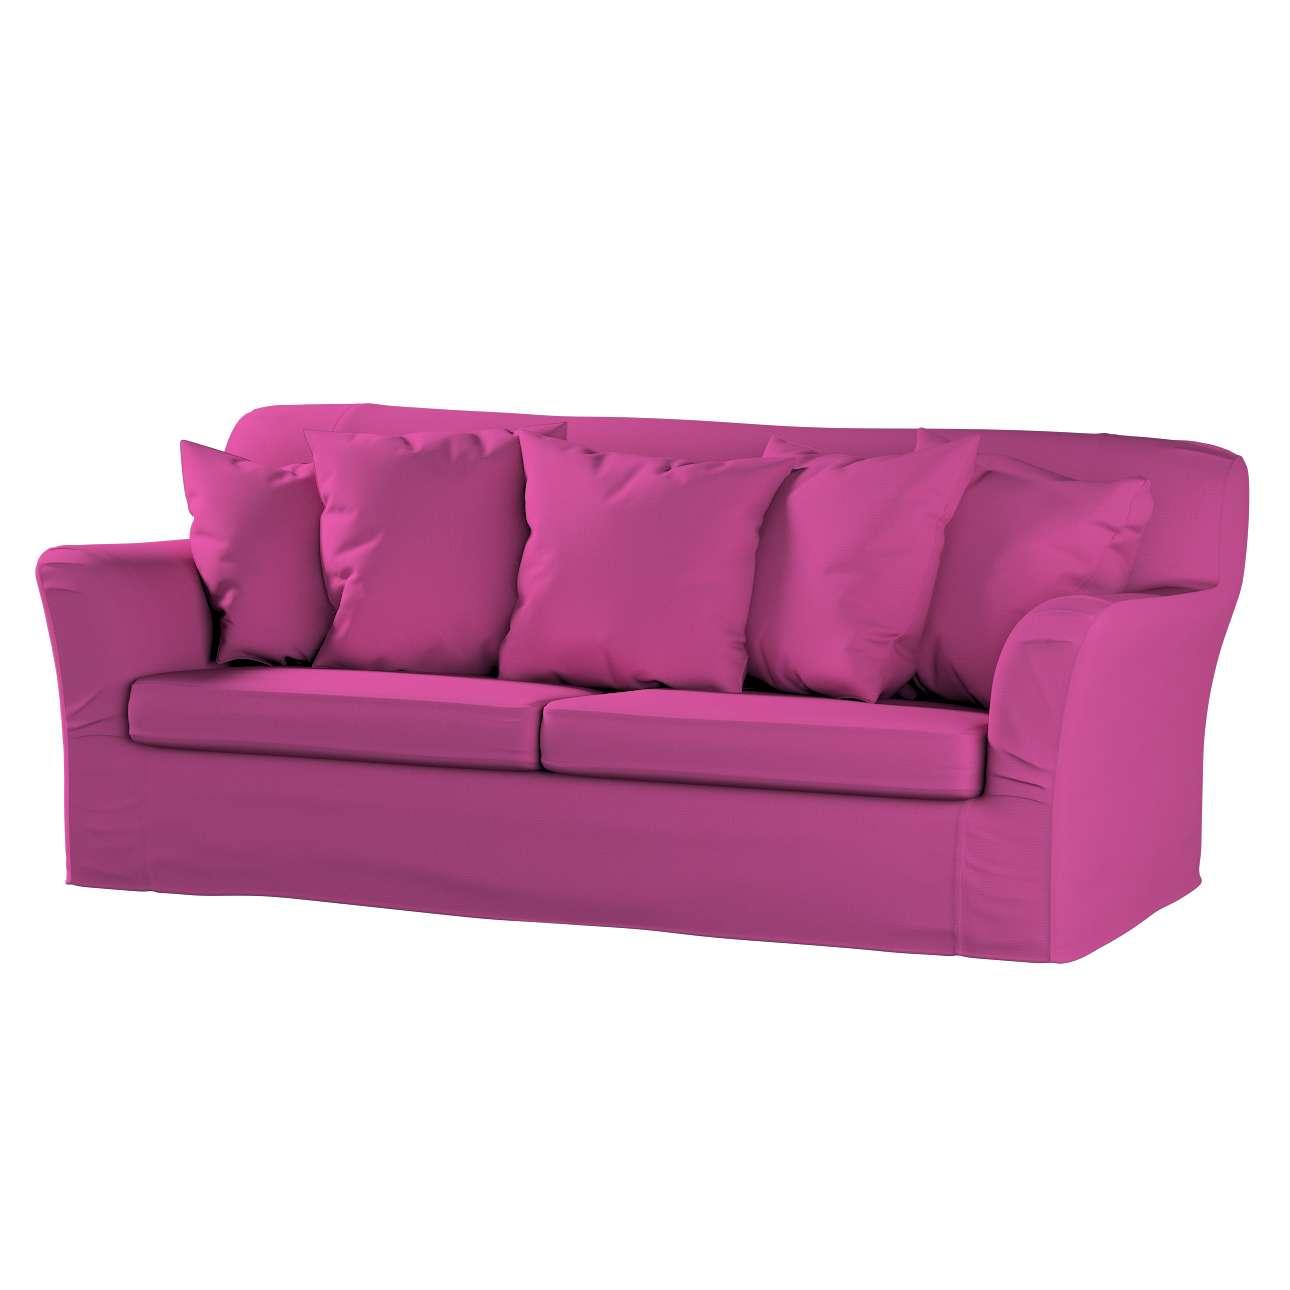 TOMELILLA trivietės sofos lovos užvalkalas TOMELILLA trivietė sofa lova kolekcijoje Etna , audinys: 705-23